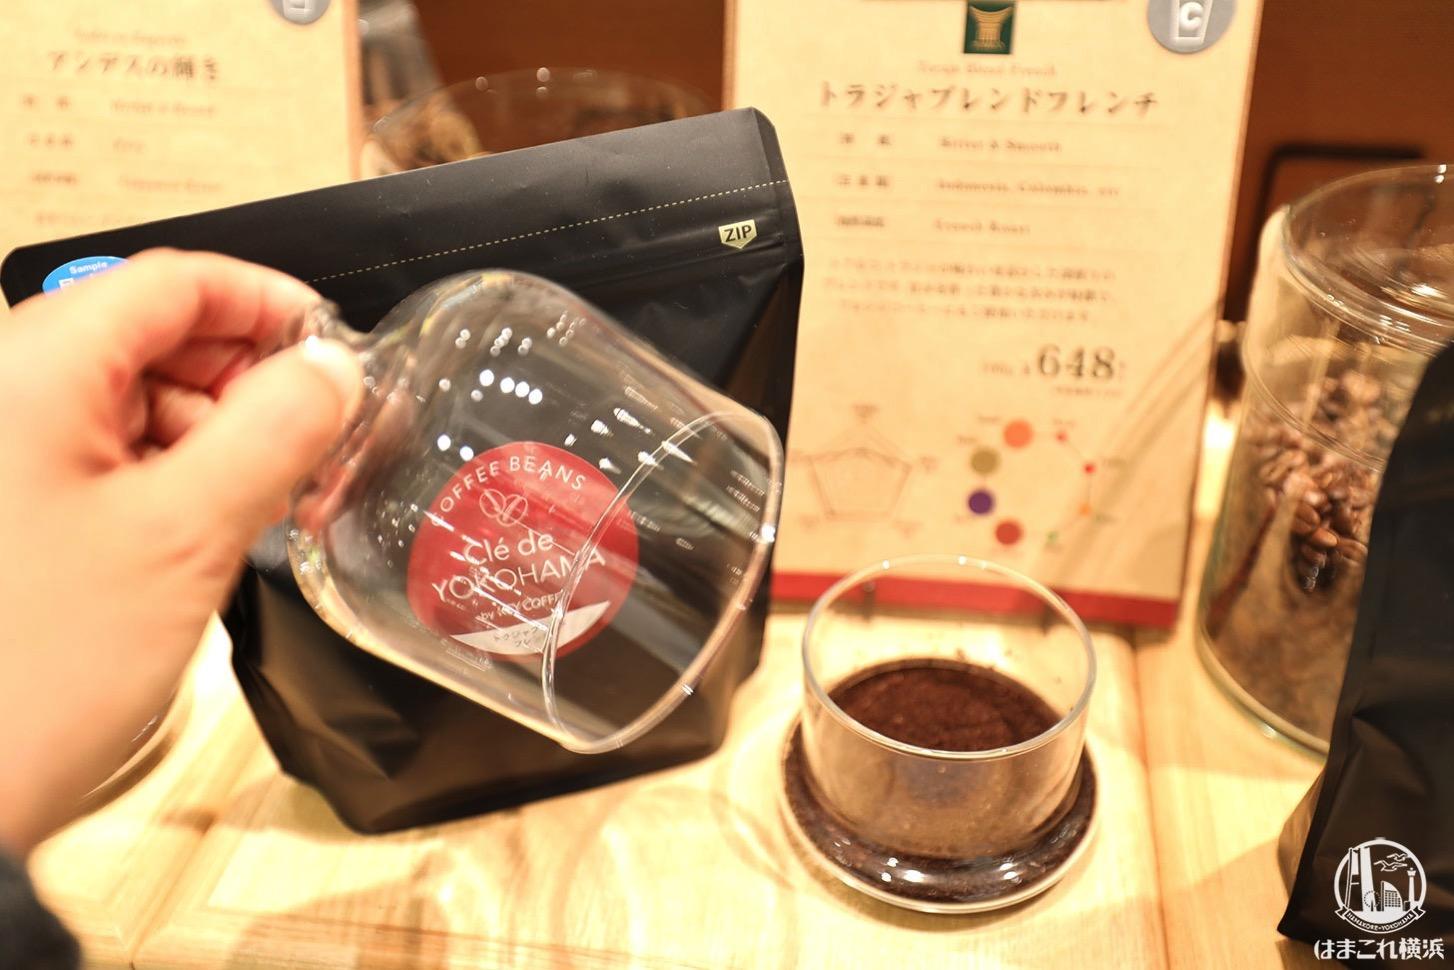 コーヒービーンズクレドヨコハマ コーヒーの香りを楽しめるコーナー